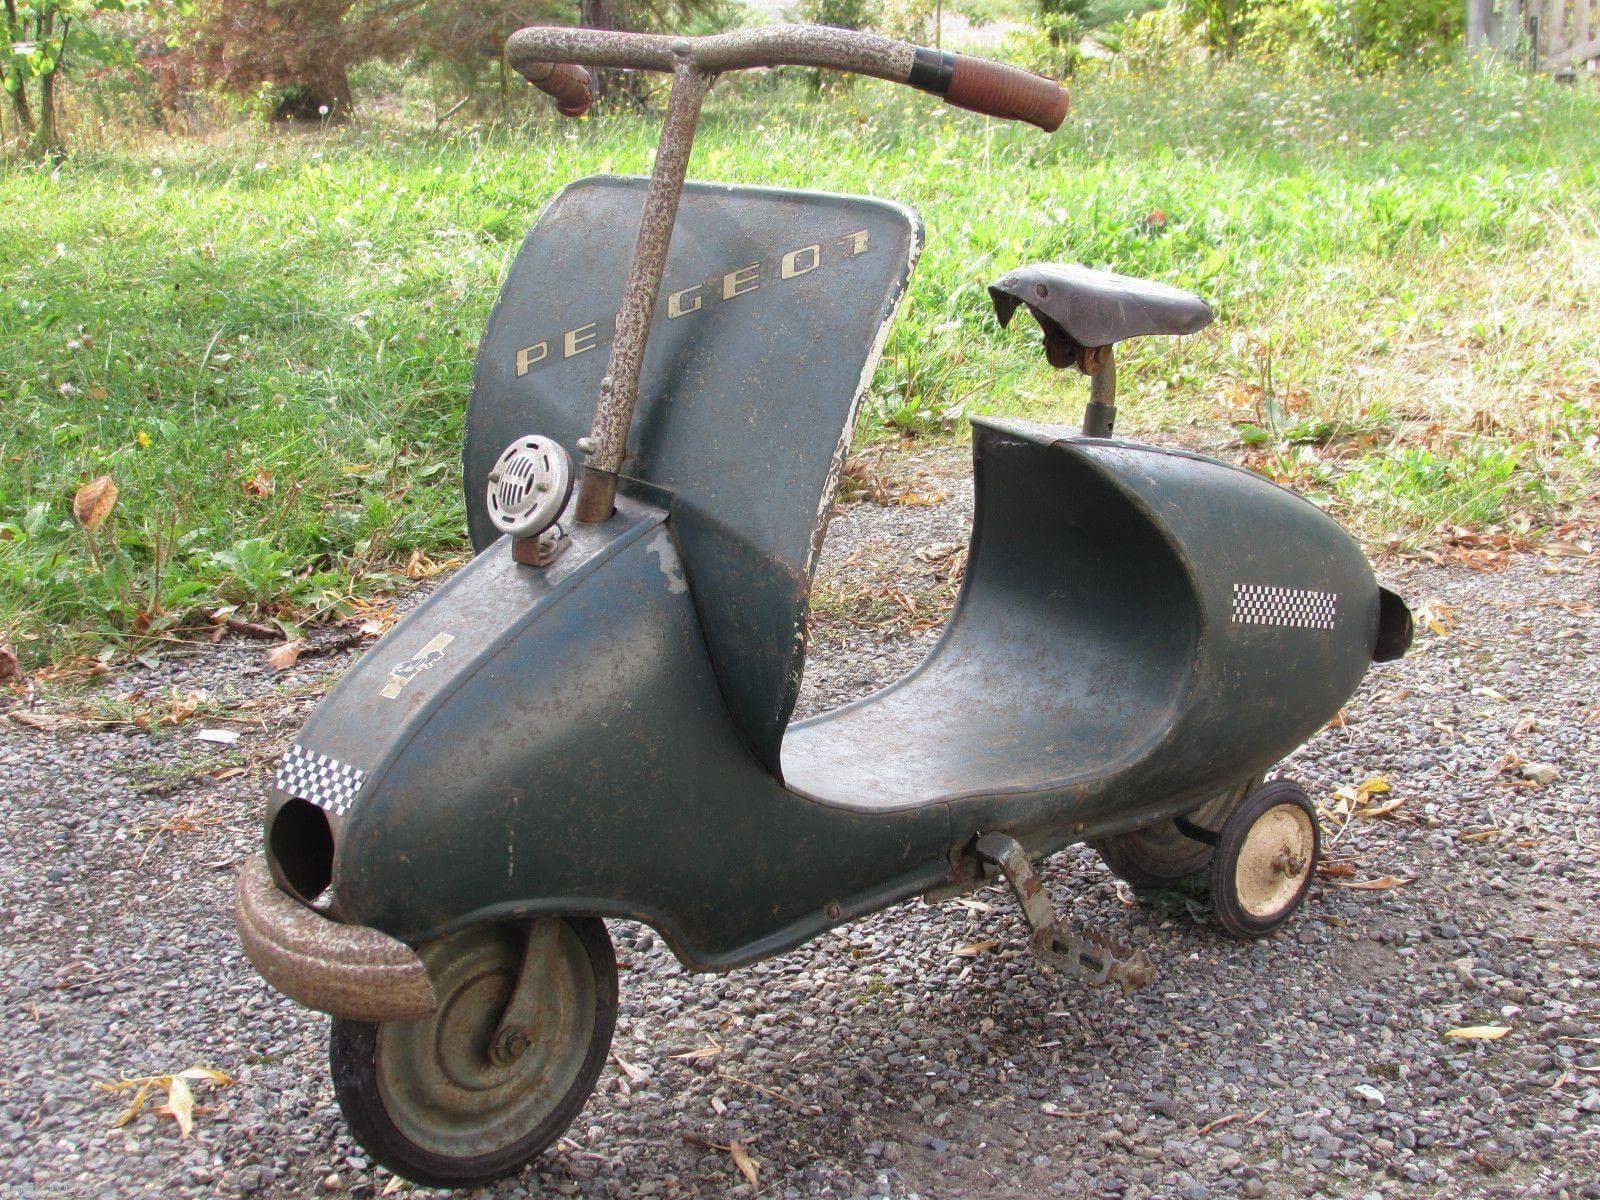 Een-oud-speeltje-de-peugeot-scooter--met-mechanische-pedalen--minder-bekend-dan-de-auto